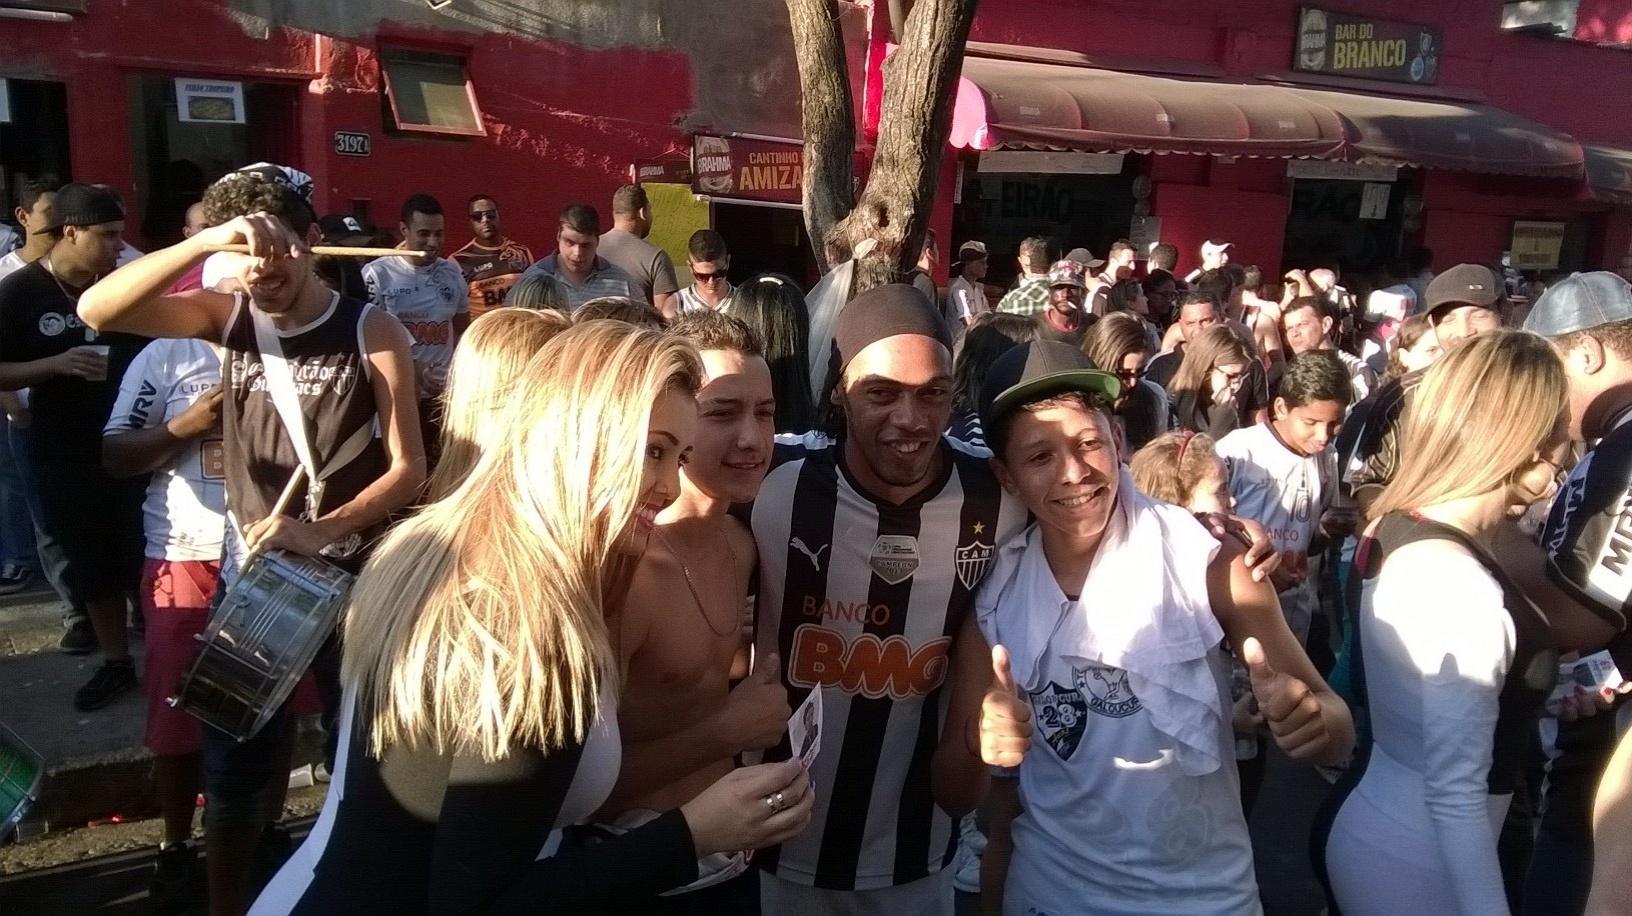 19 set 2014 - Sósia de Ronaldinho Gaúcho, José Robson Batista, não seguiu os passos do ídolo, segue em Minas e tenta se eleger deputado